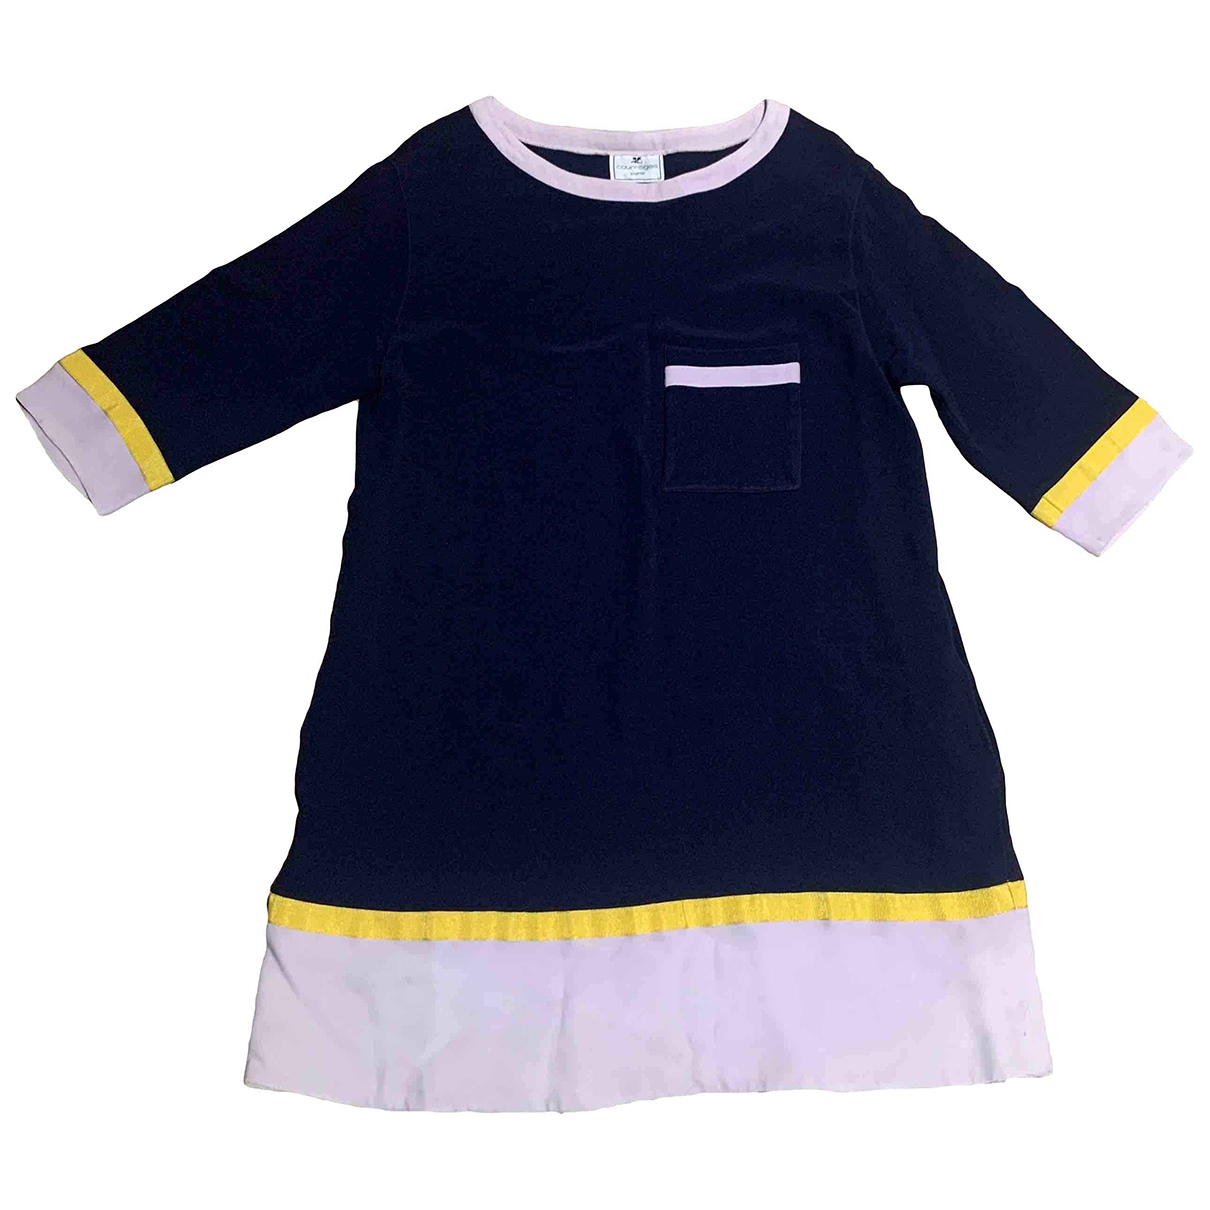 Courreges \N Kleid in  Blau Viskose